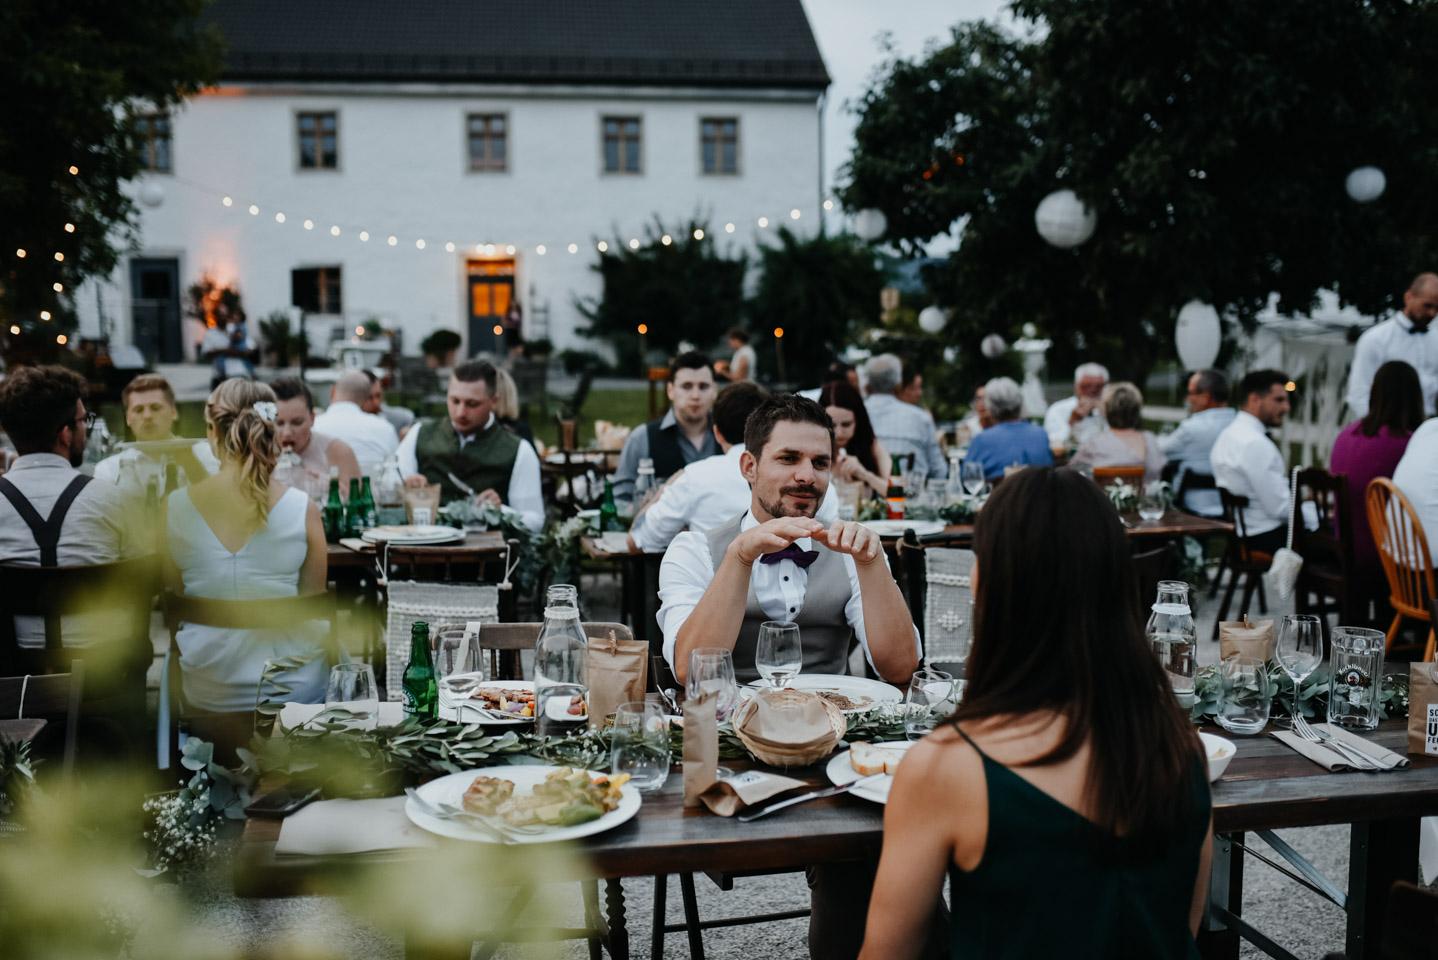 Claudia_Ebeling_Hochzeit_Antonia_Michael_web-770